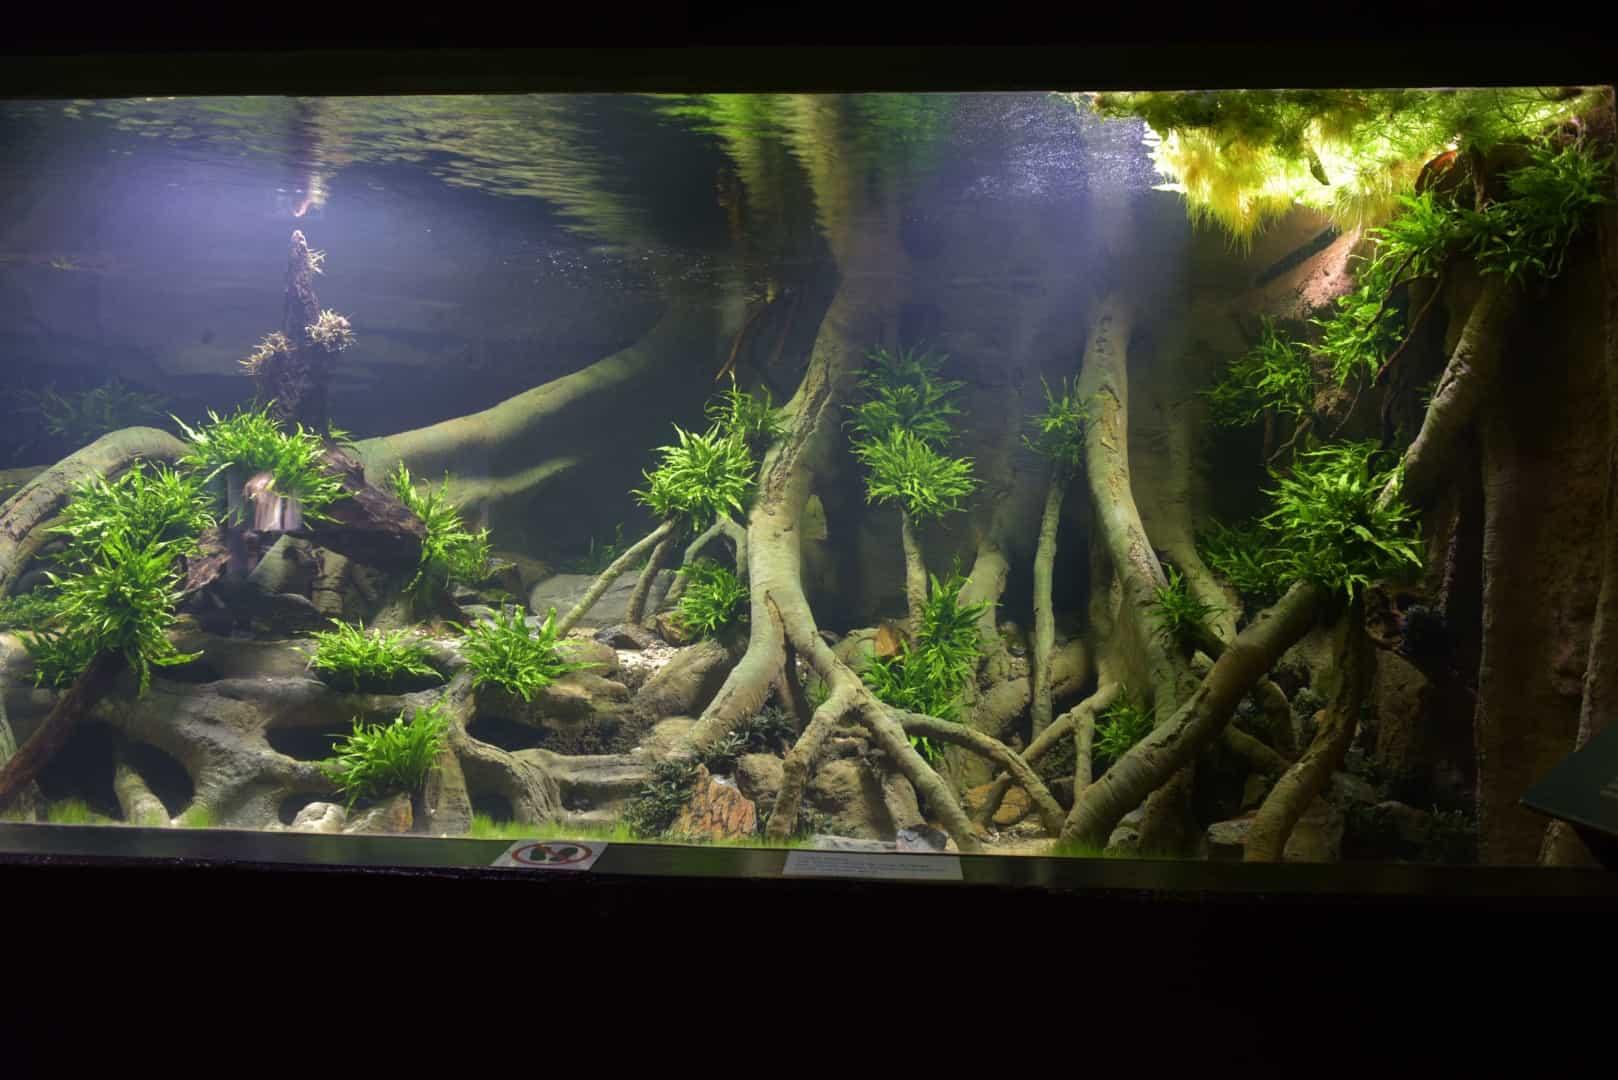 205 - Das 28.000 Liter Sumatra Flusslauf Aquarium im Tierpark Hagenbeck - Die Planung und Vorbereitung + Fakten (Stefan Hummel) 11